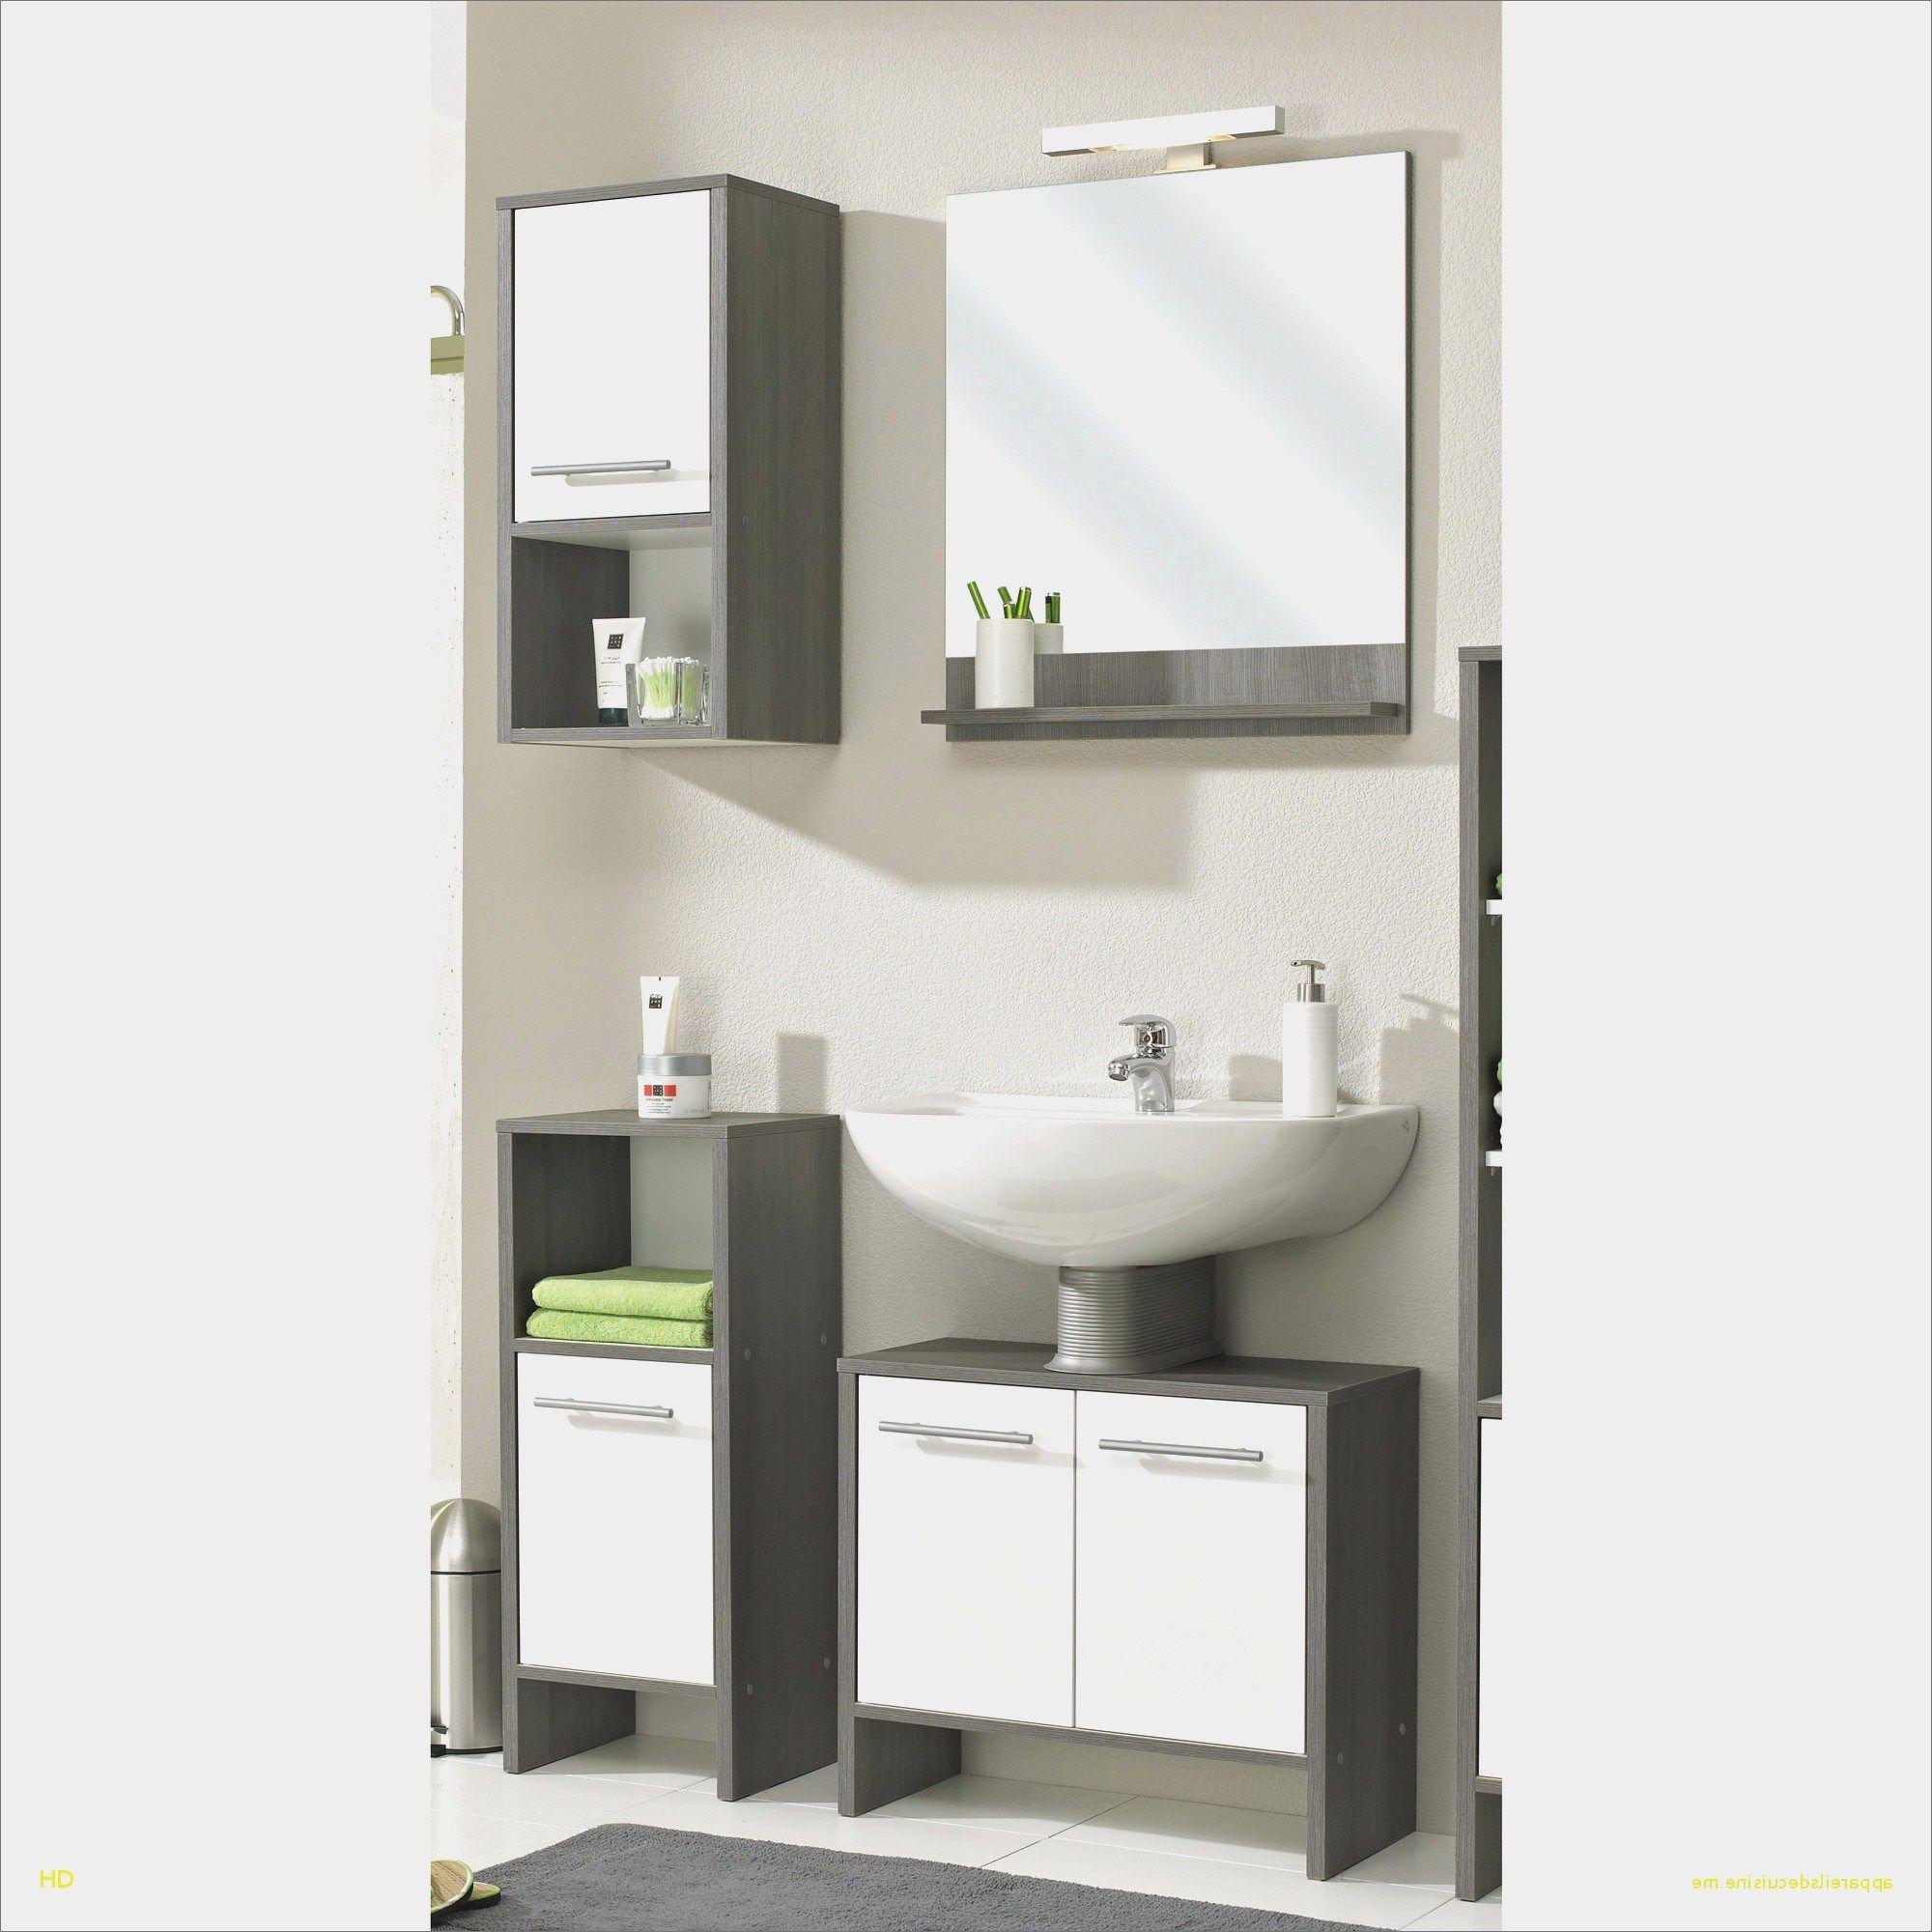 Elegant Ikea Meuble Salle De Bain Colonne Idees De Maison